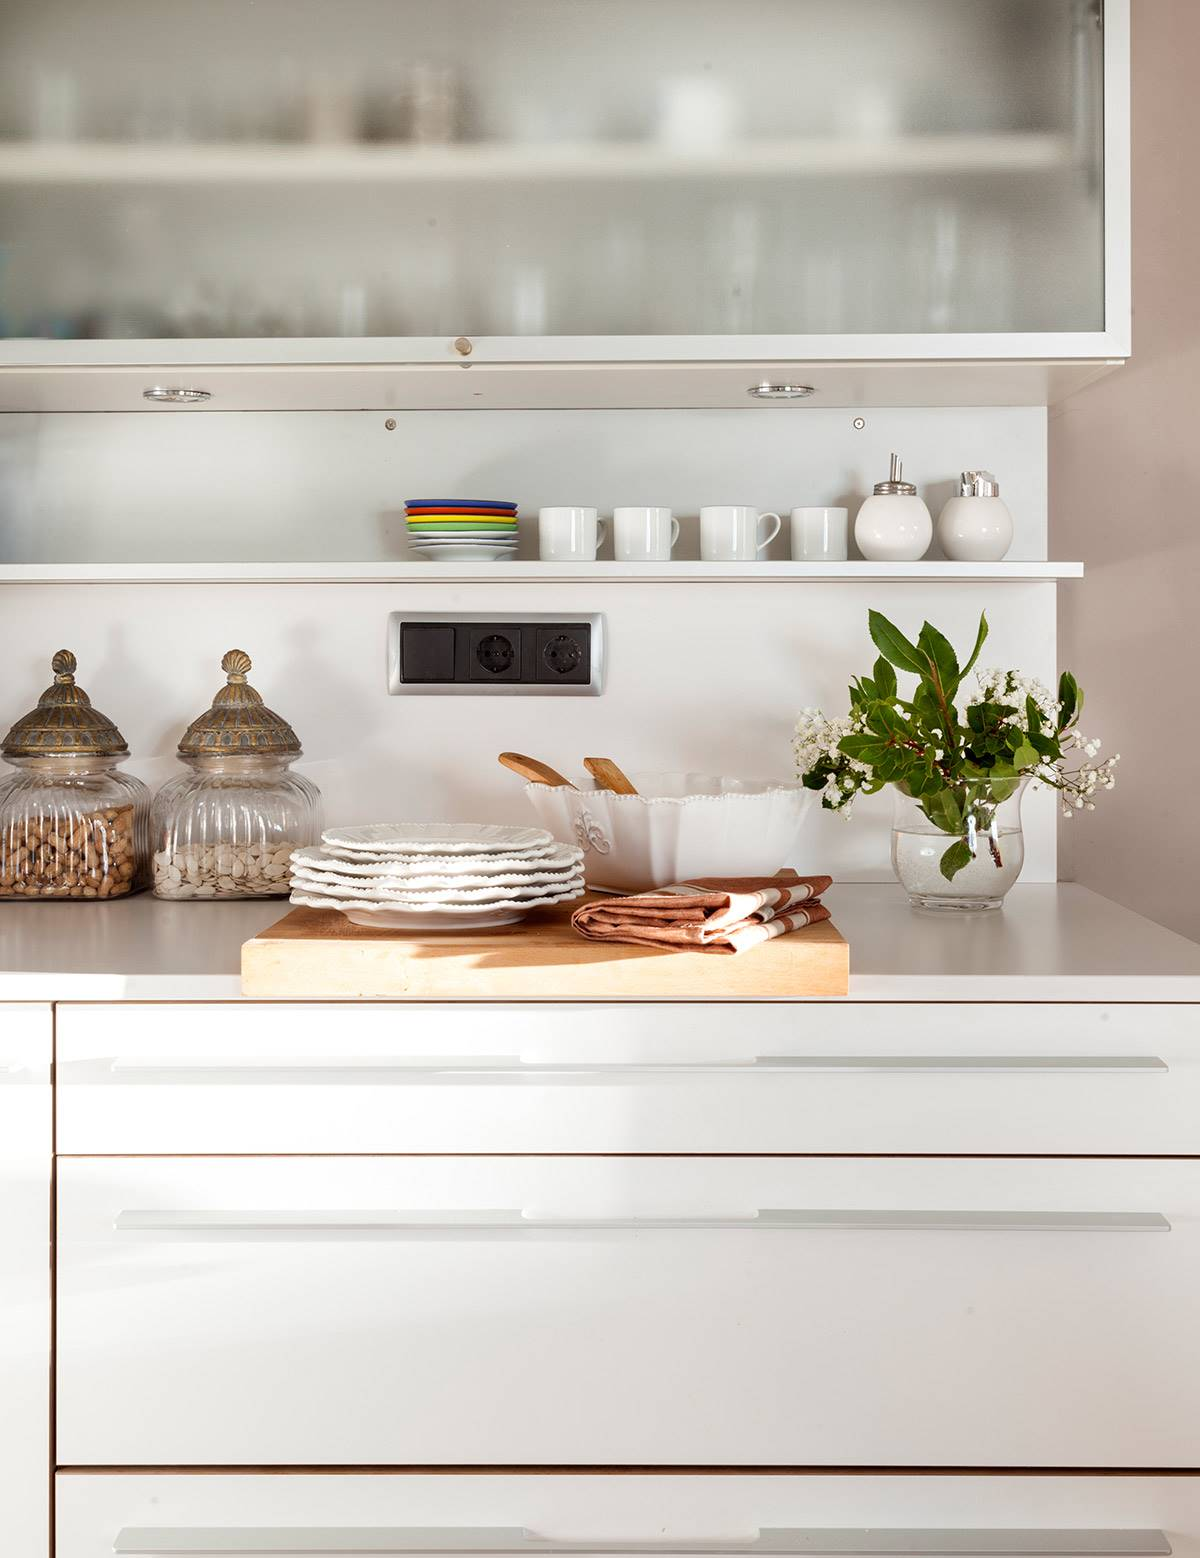 Cómo Organizar Un Mueble Perfecto Para Tus Desayunos